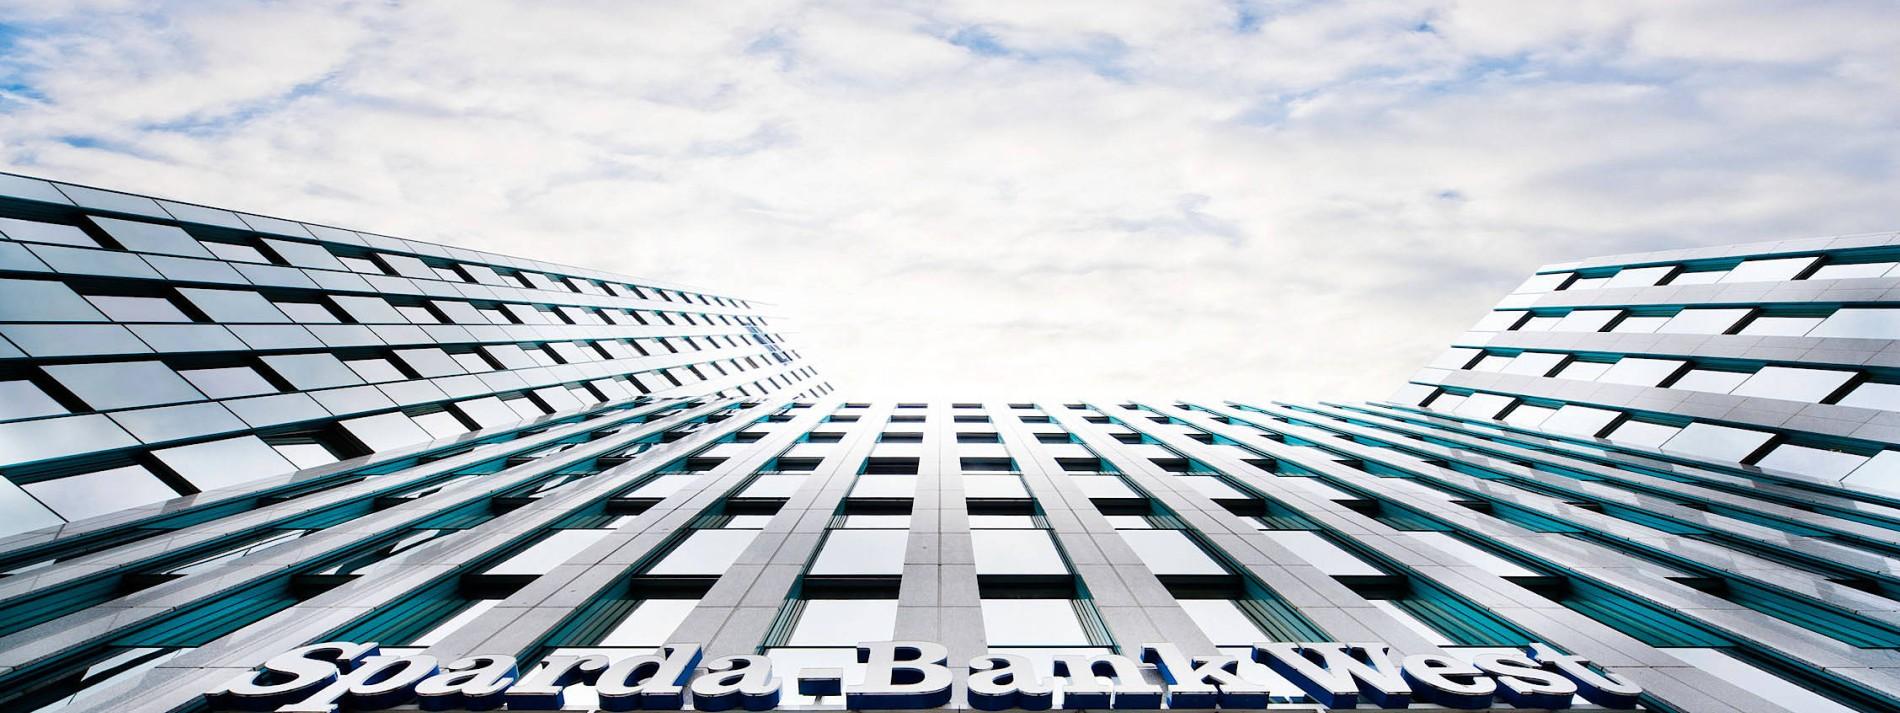 sparda bank südwest kontoführungsgebühren